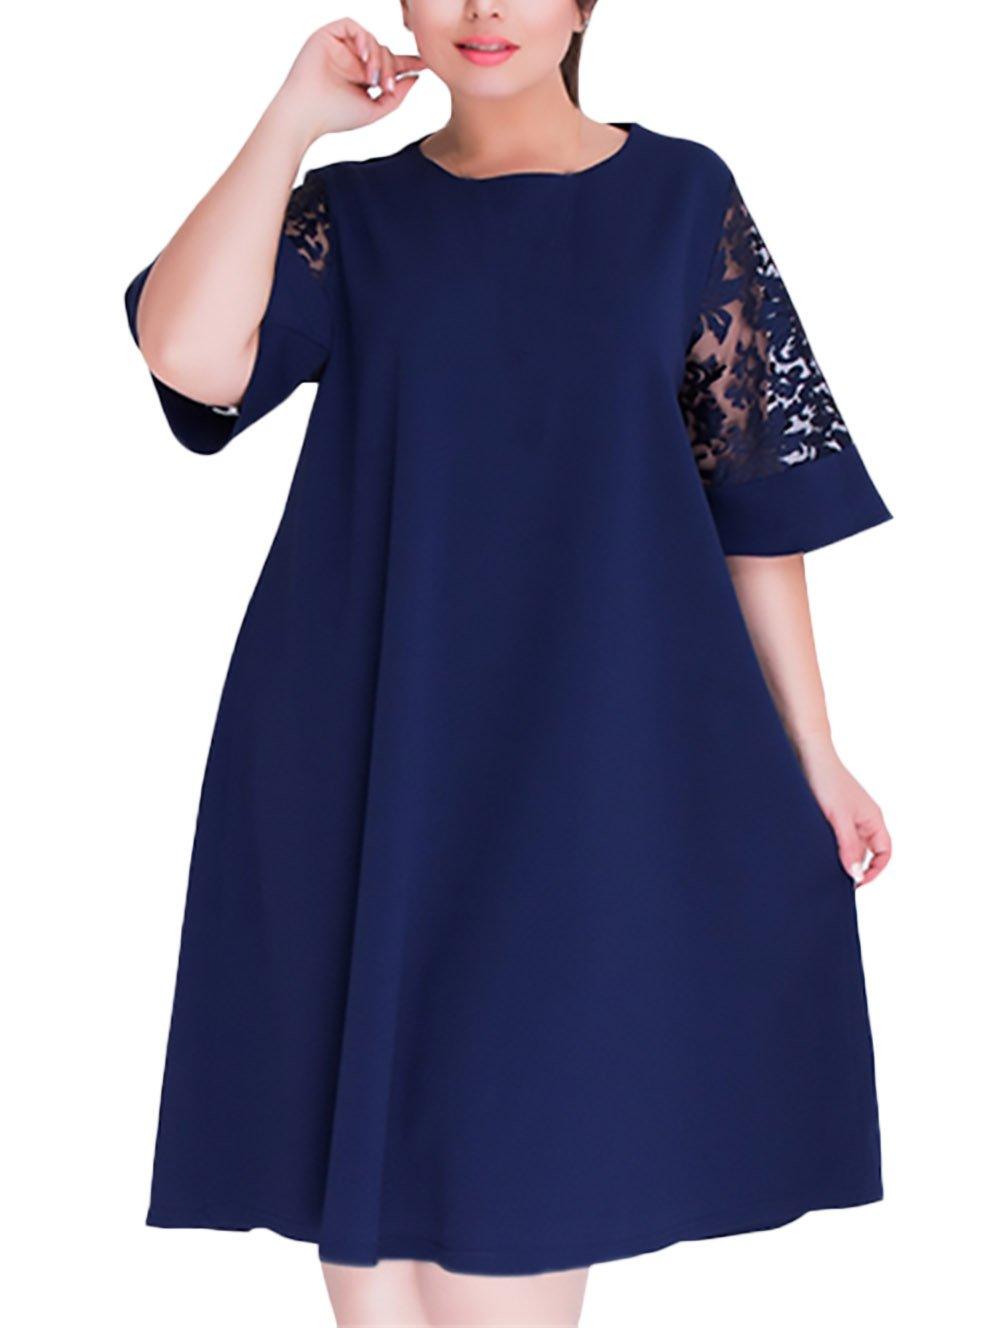 Vestidos De Mujer Hasta La Rodilla Para Gorda Elegantes Vintage Encaje Splicing Niñas Ropa Vestidos De Fiesta Media Manga Cuello Redondo Color Sólido Suelta ...